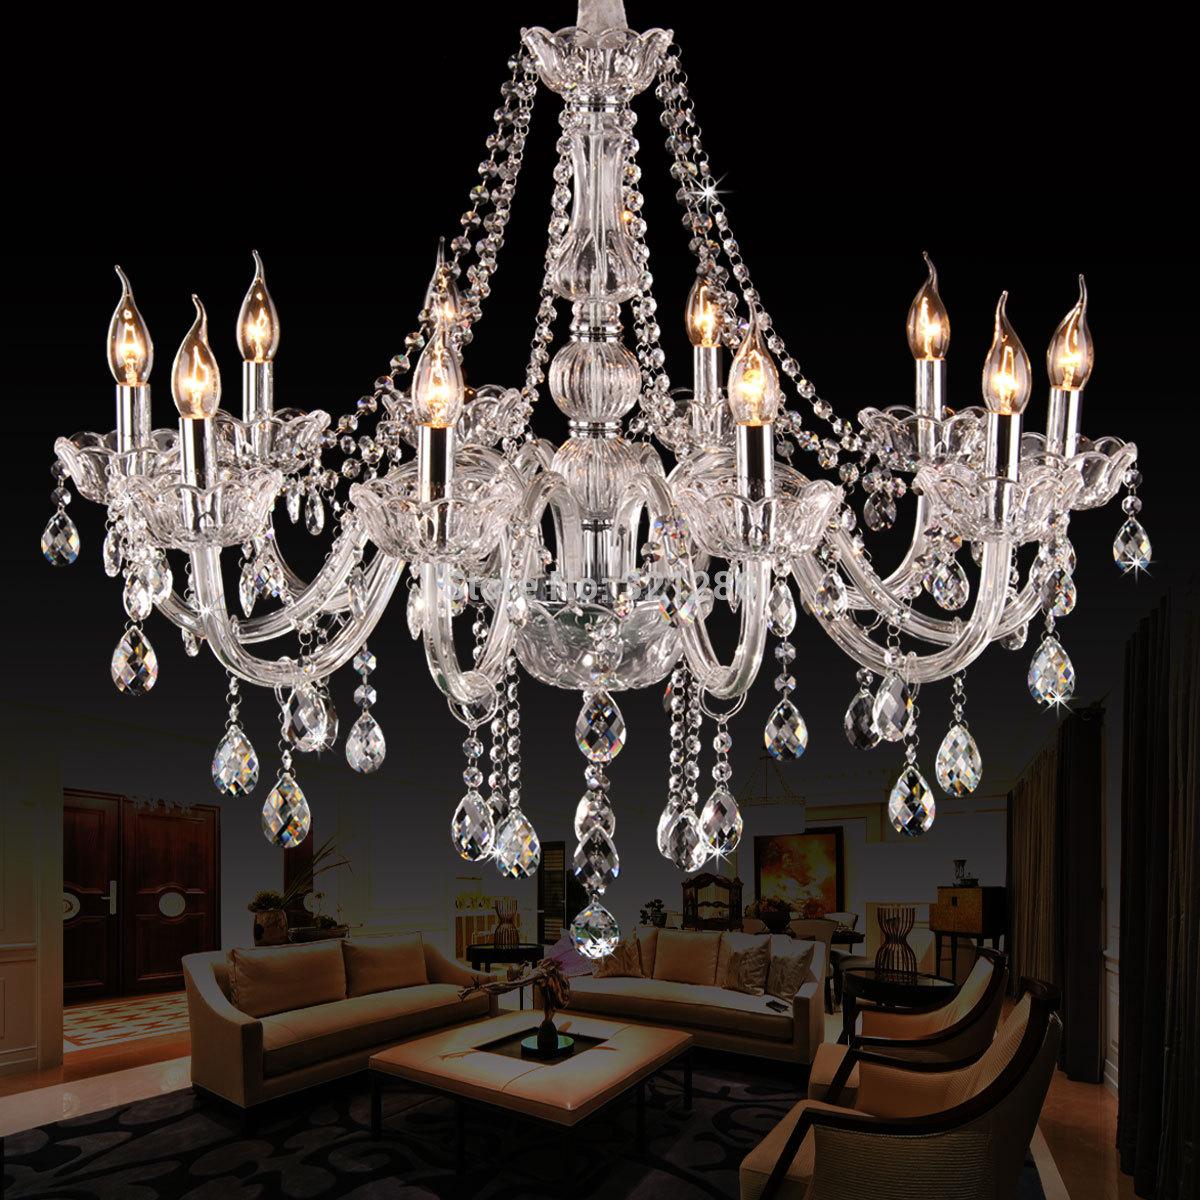 10 têtesperte k9 lustre en cristal lumière salon lumières. chambre. restaurant lampe lampe éclairage lustre moderne bref